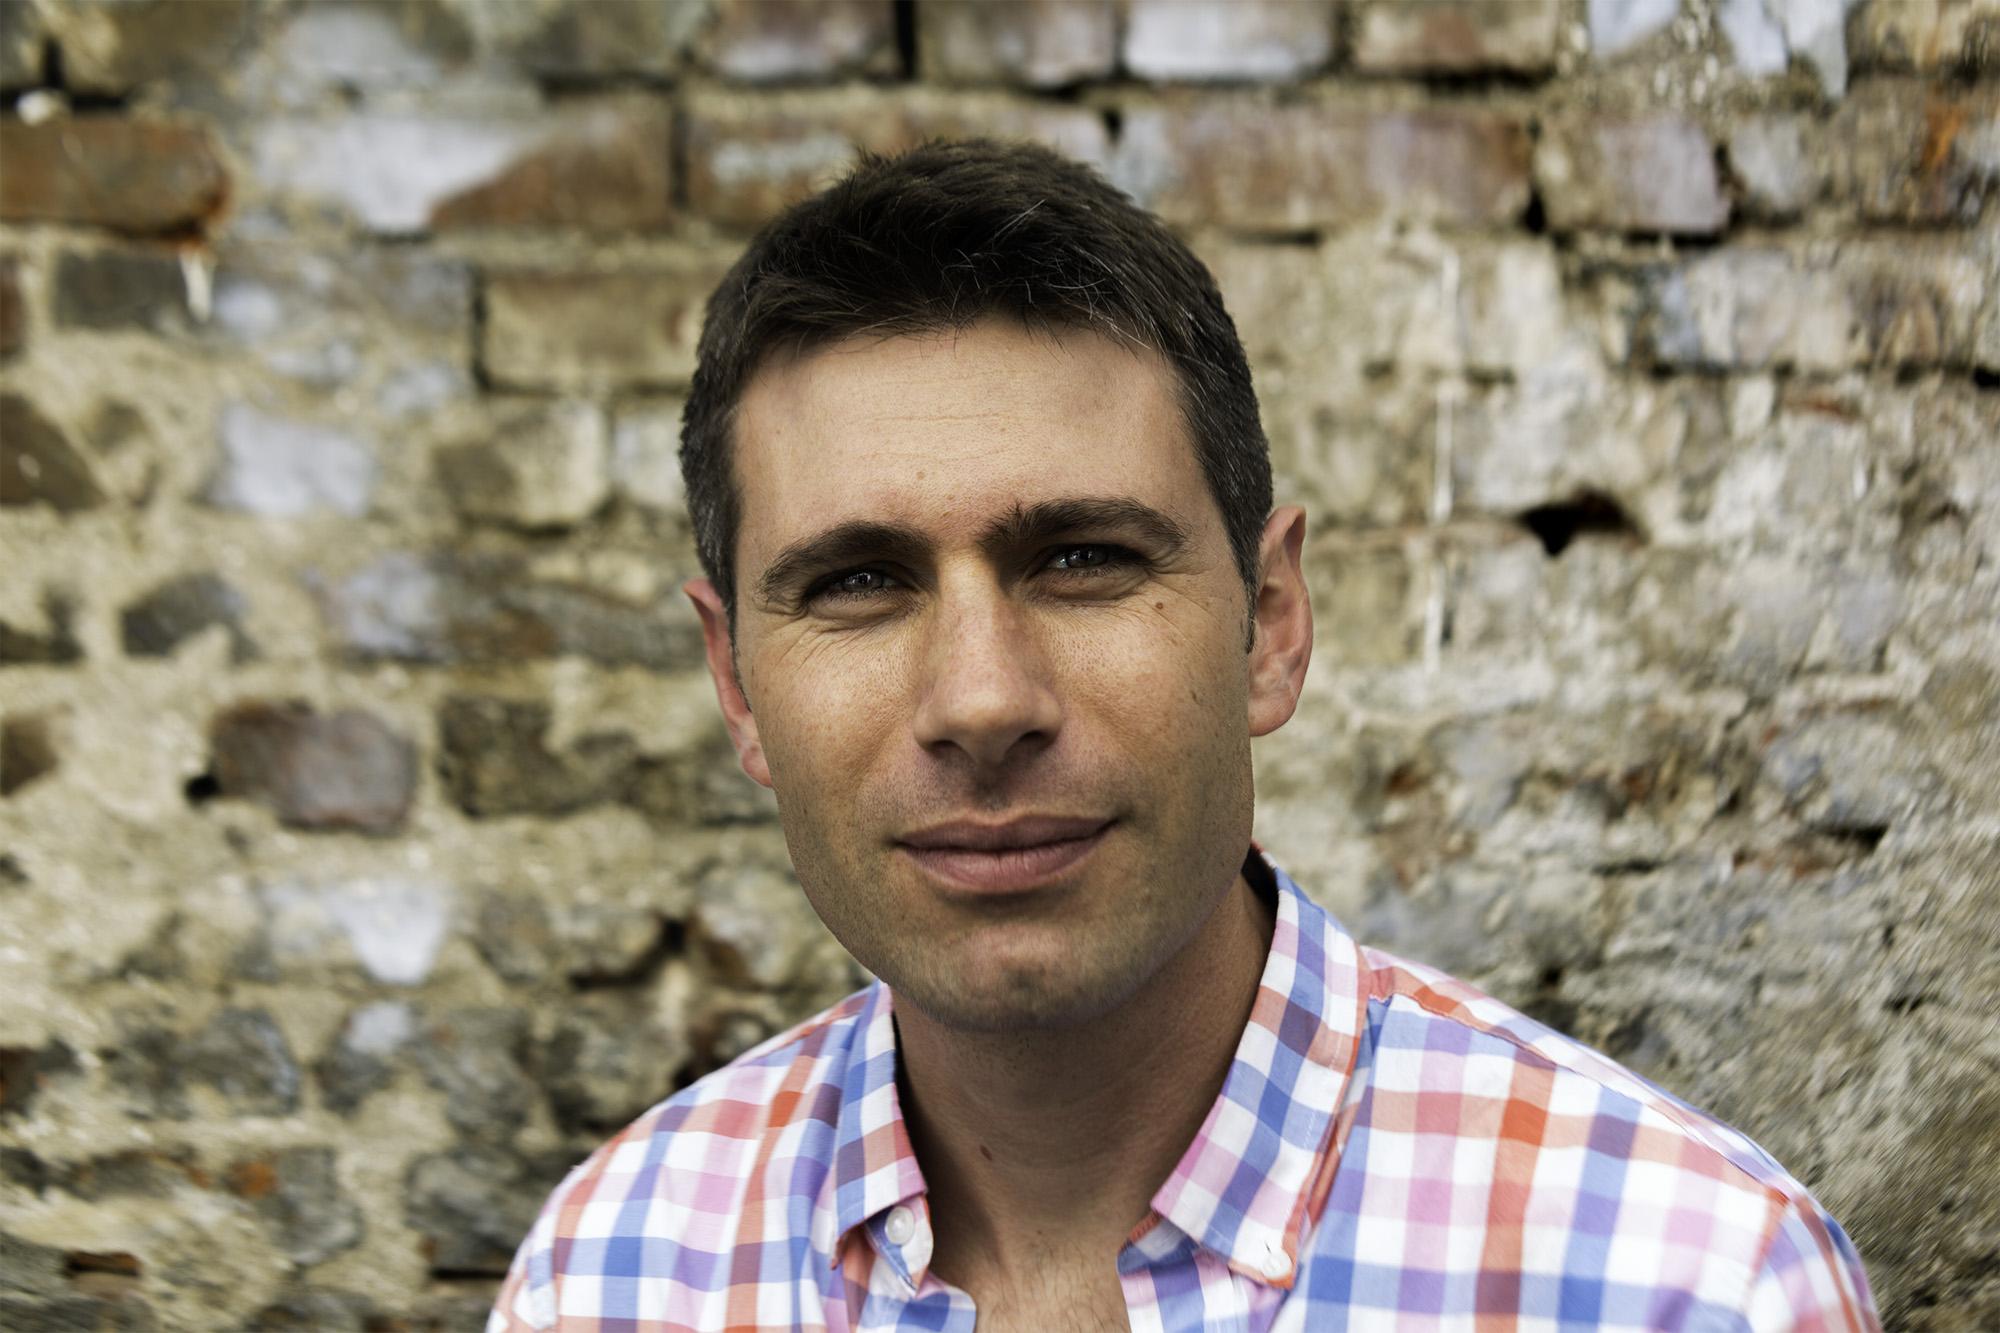 Ben Worthen, Editor in Chief